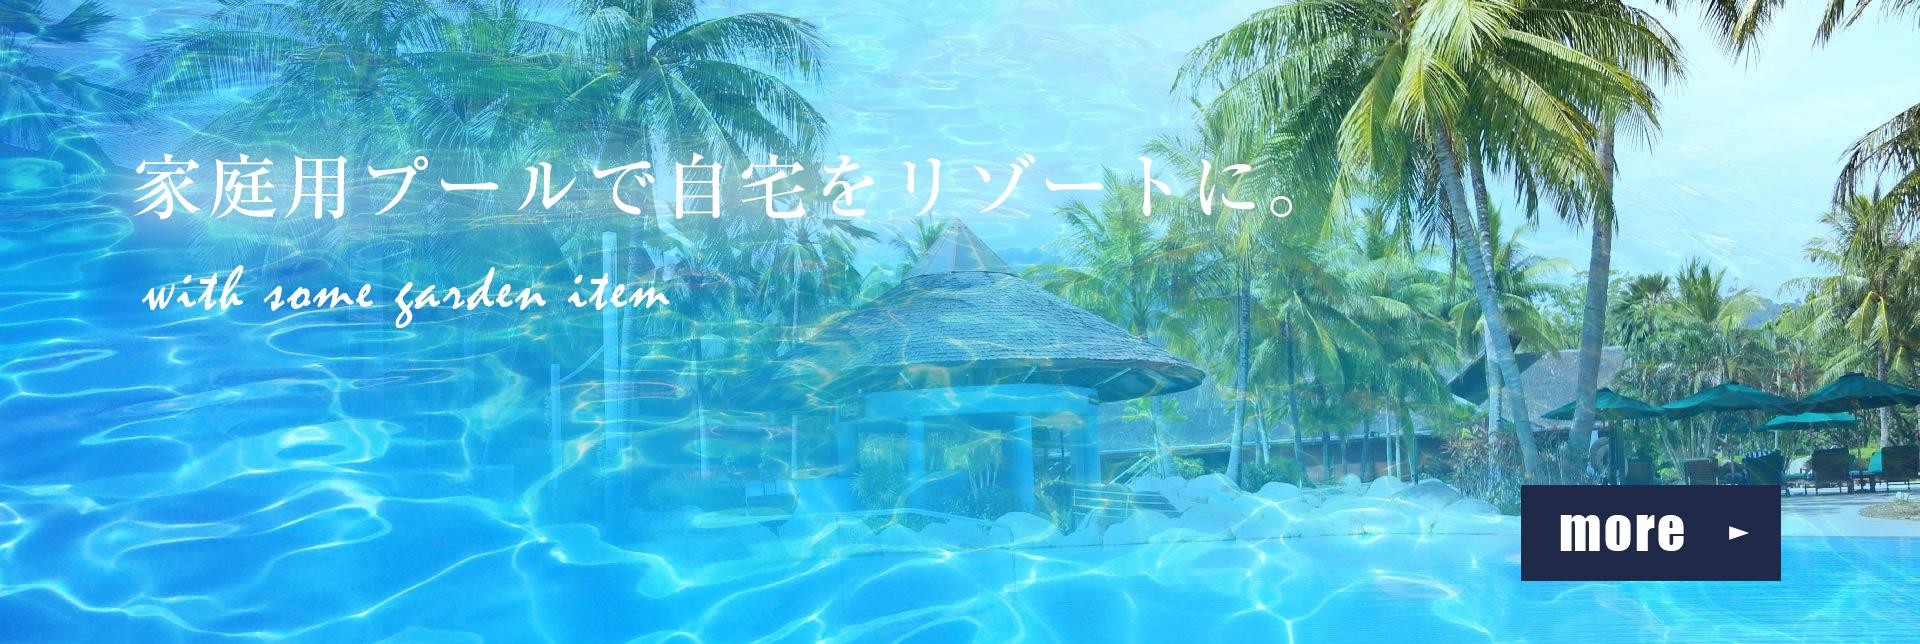 プール付きの家 バナー